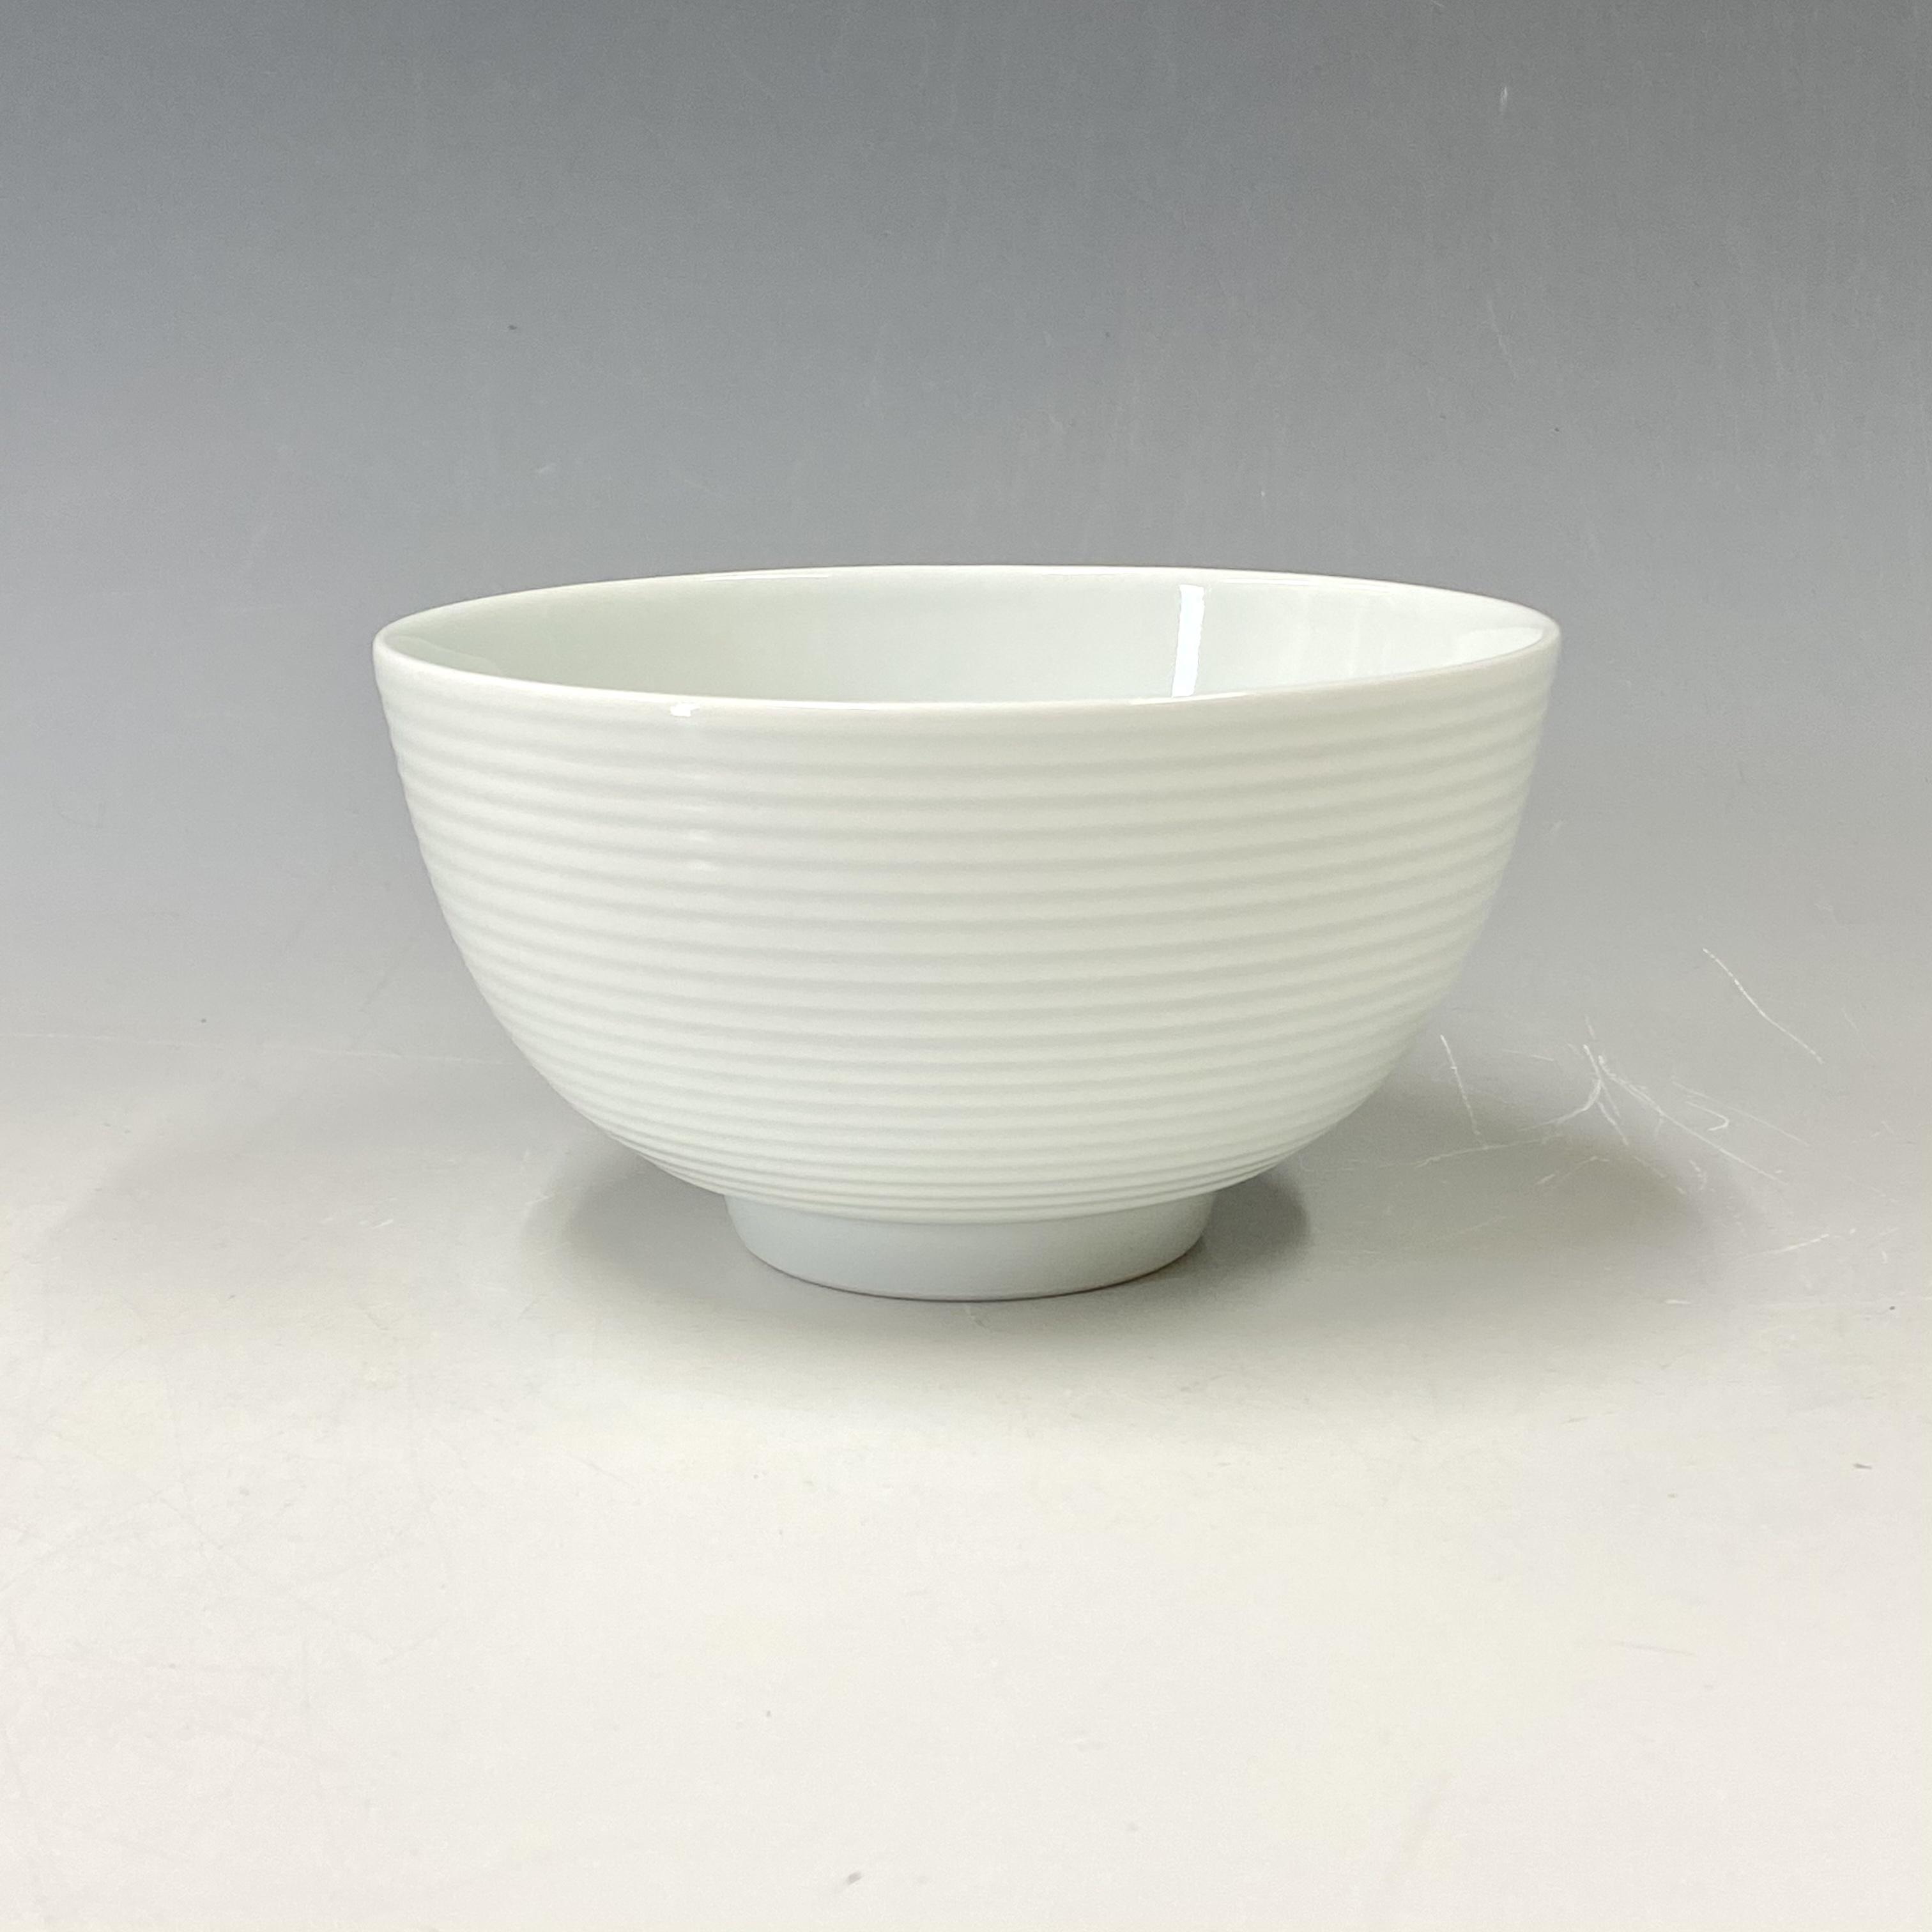 【中尾恭純】白磁線段麺鉢(高台)